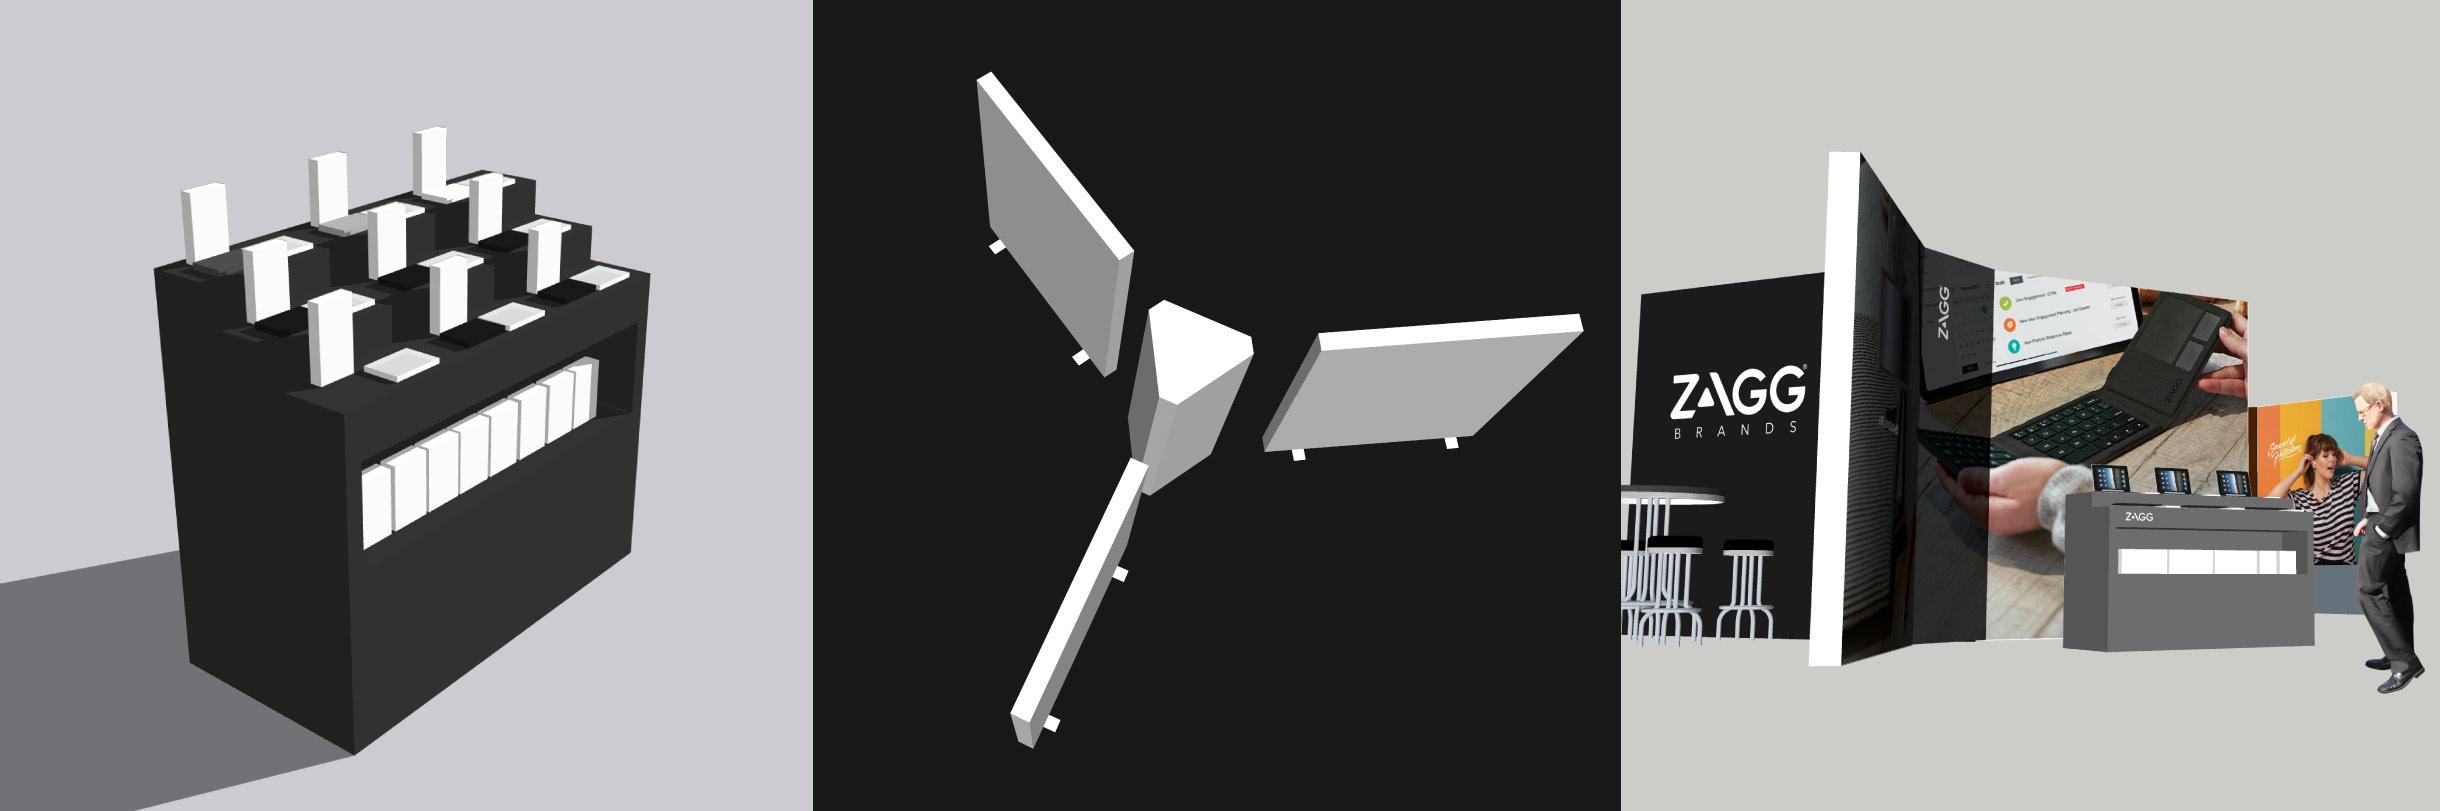 EE-Events-design